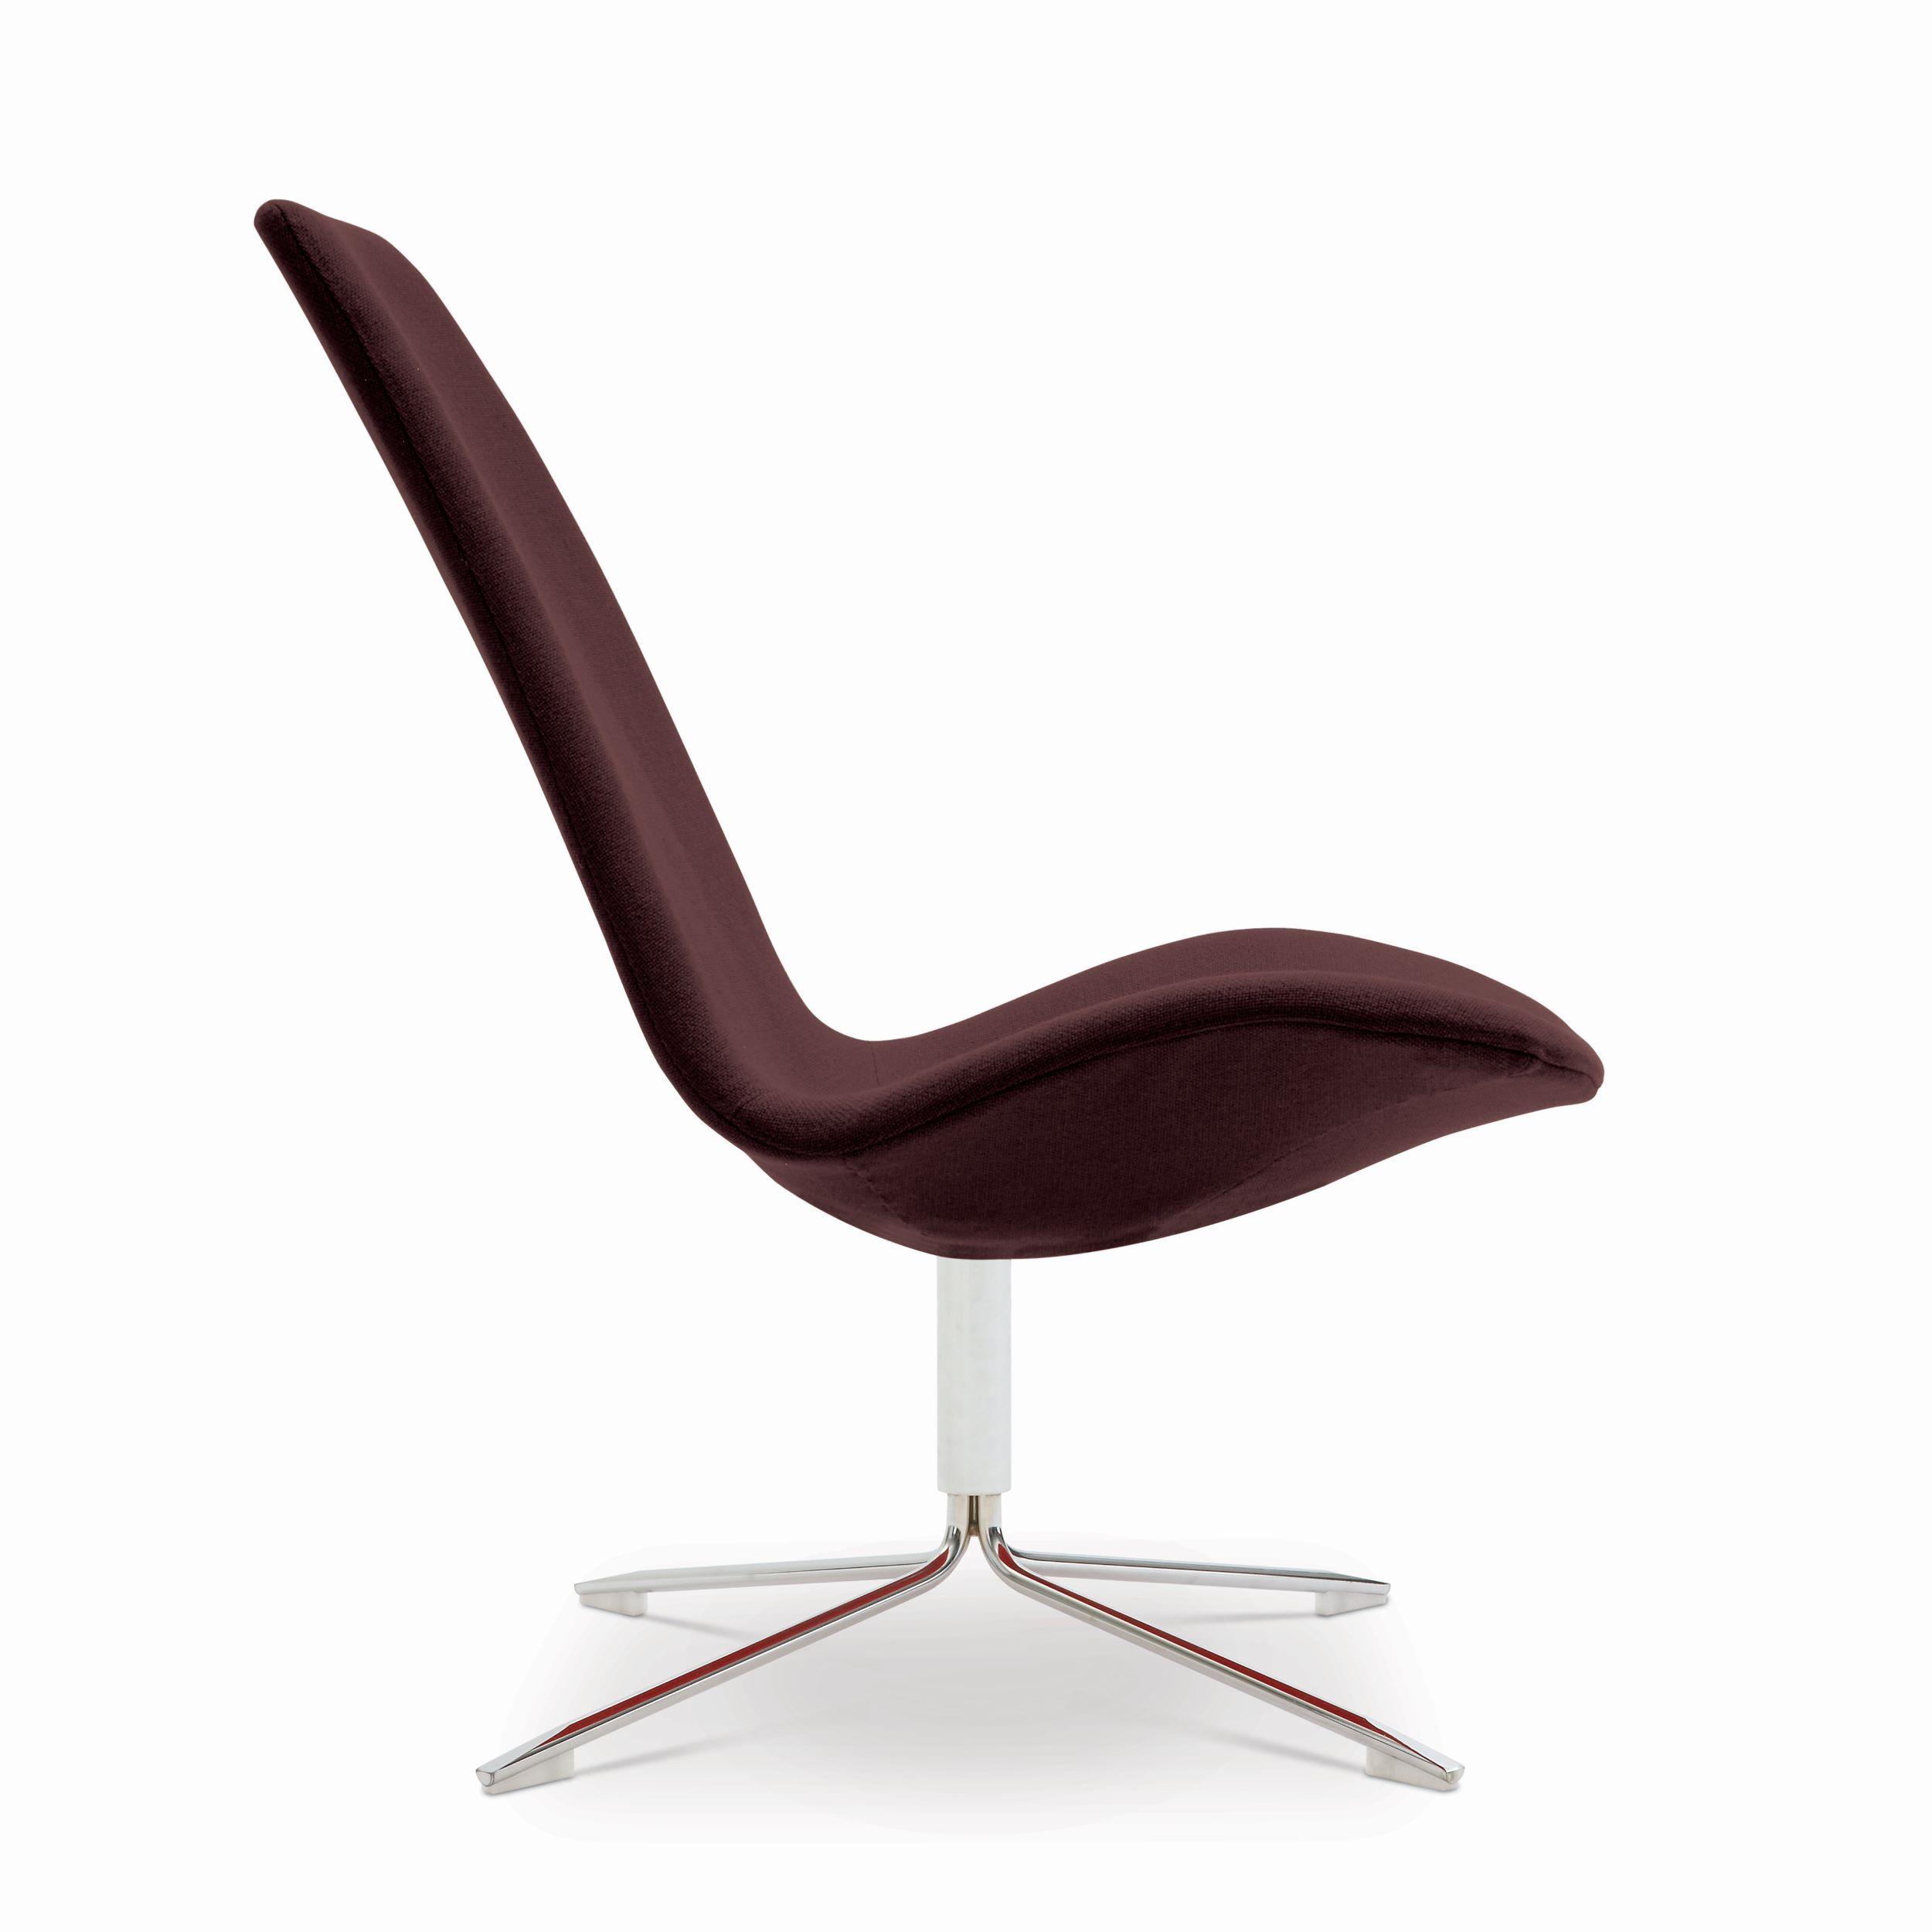 Spoon High Easy chair – fecct